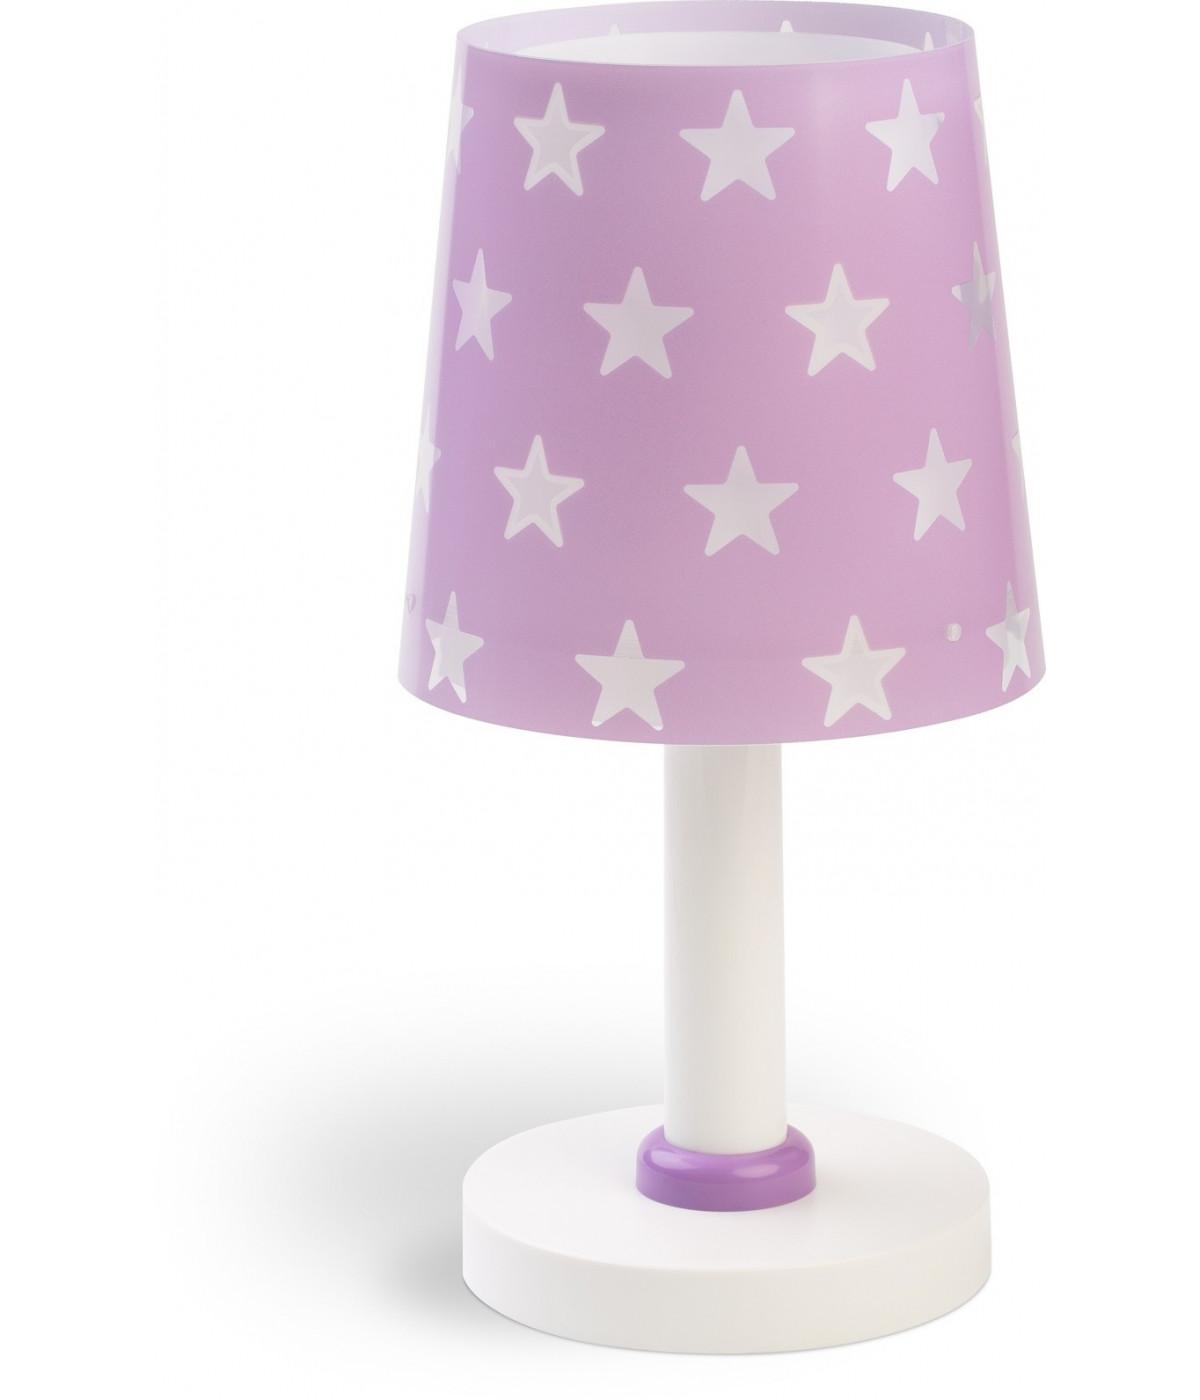 Candeeiro infantil de mesa com estrelas Stars malva